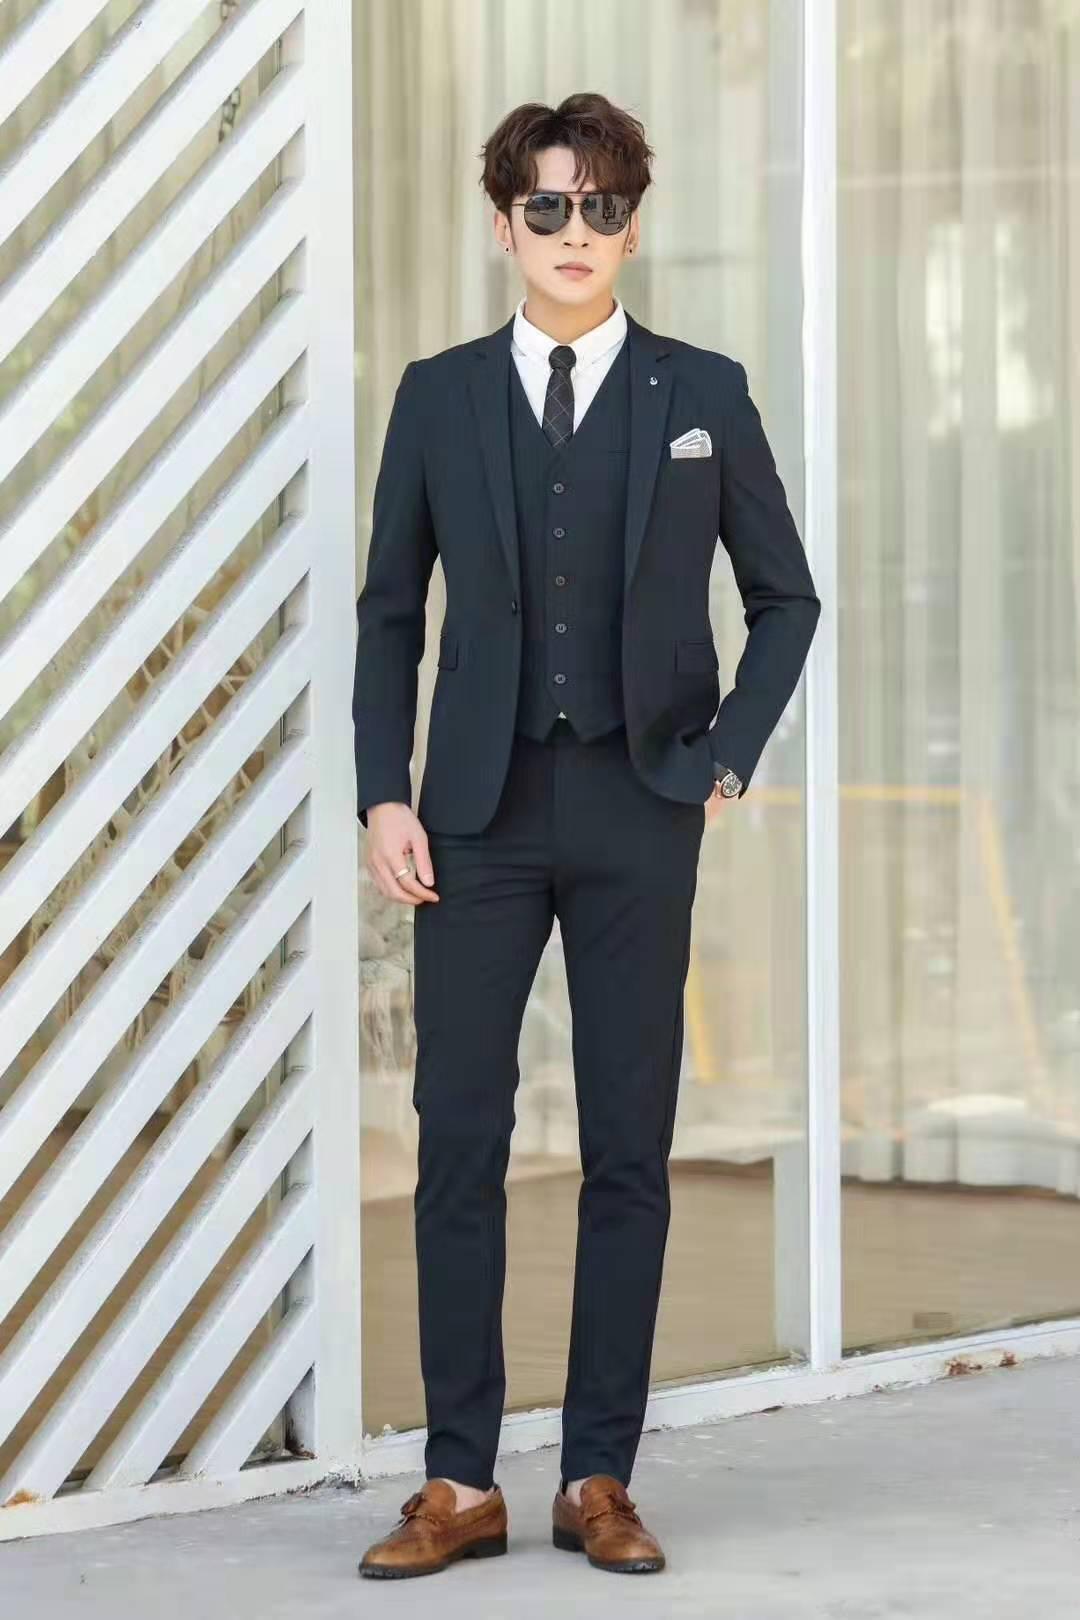 韓版修身男士西裝套裝 卡邦易男士西服男裝批發